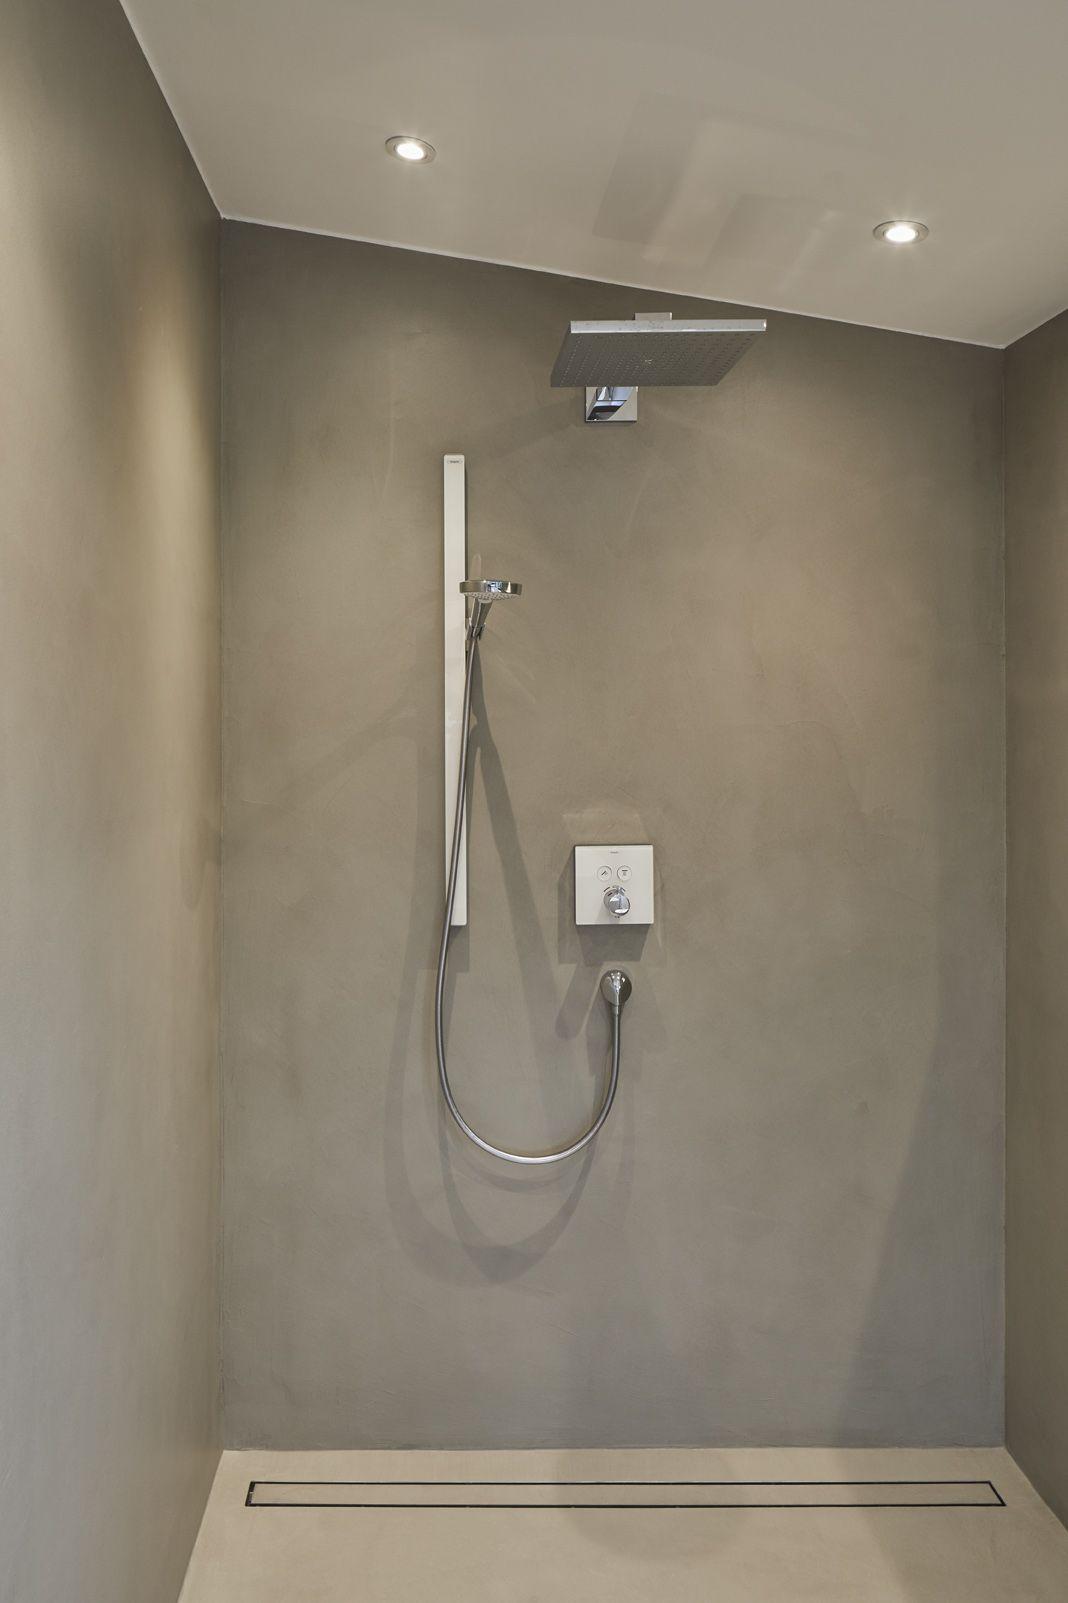 Schlichte Reduzierte Designer Regendusche In Grau Beton Foto Www Philipkistner Com Regendusche Dusche Badezimmer Gestalten